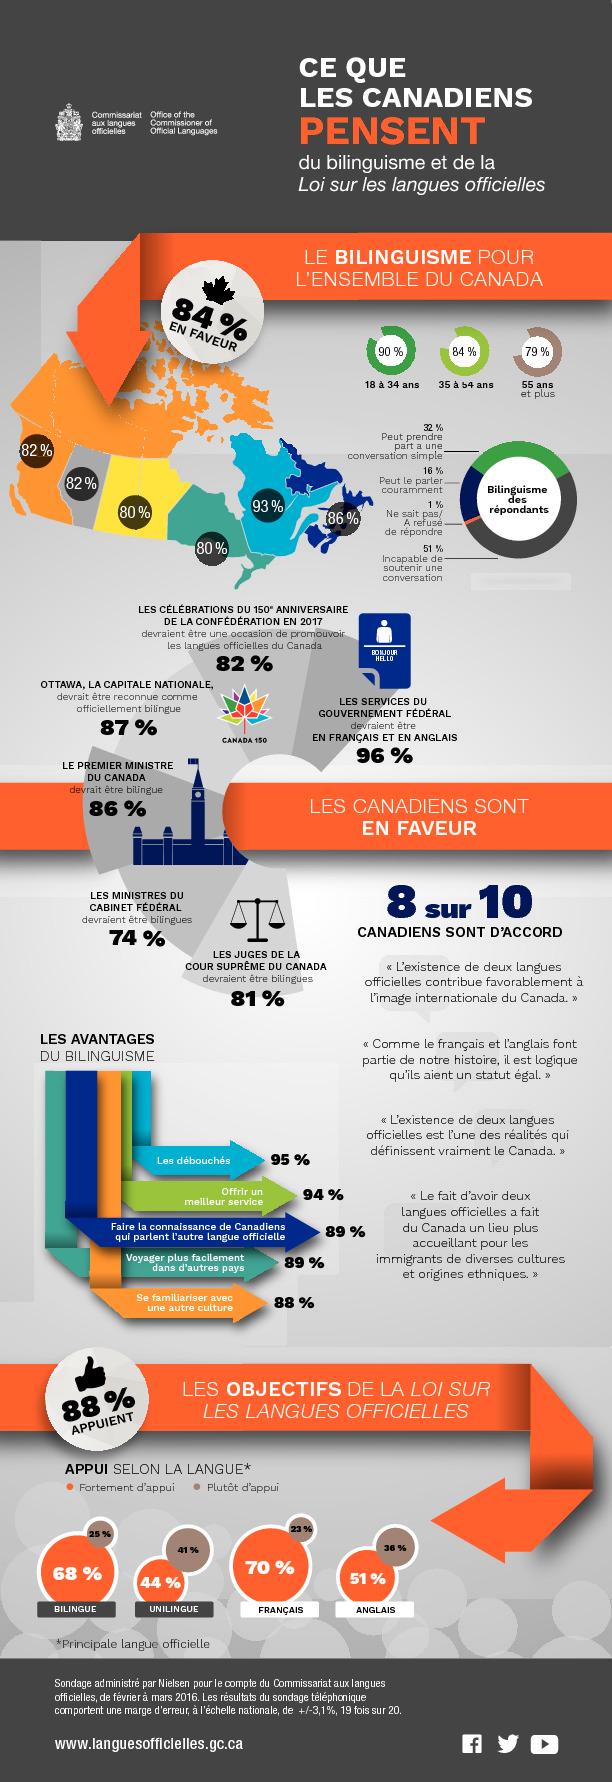 thumbnail of canadiens-pensent-bilinguisme-et-llo